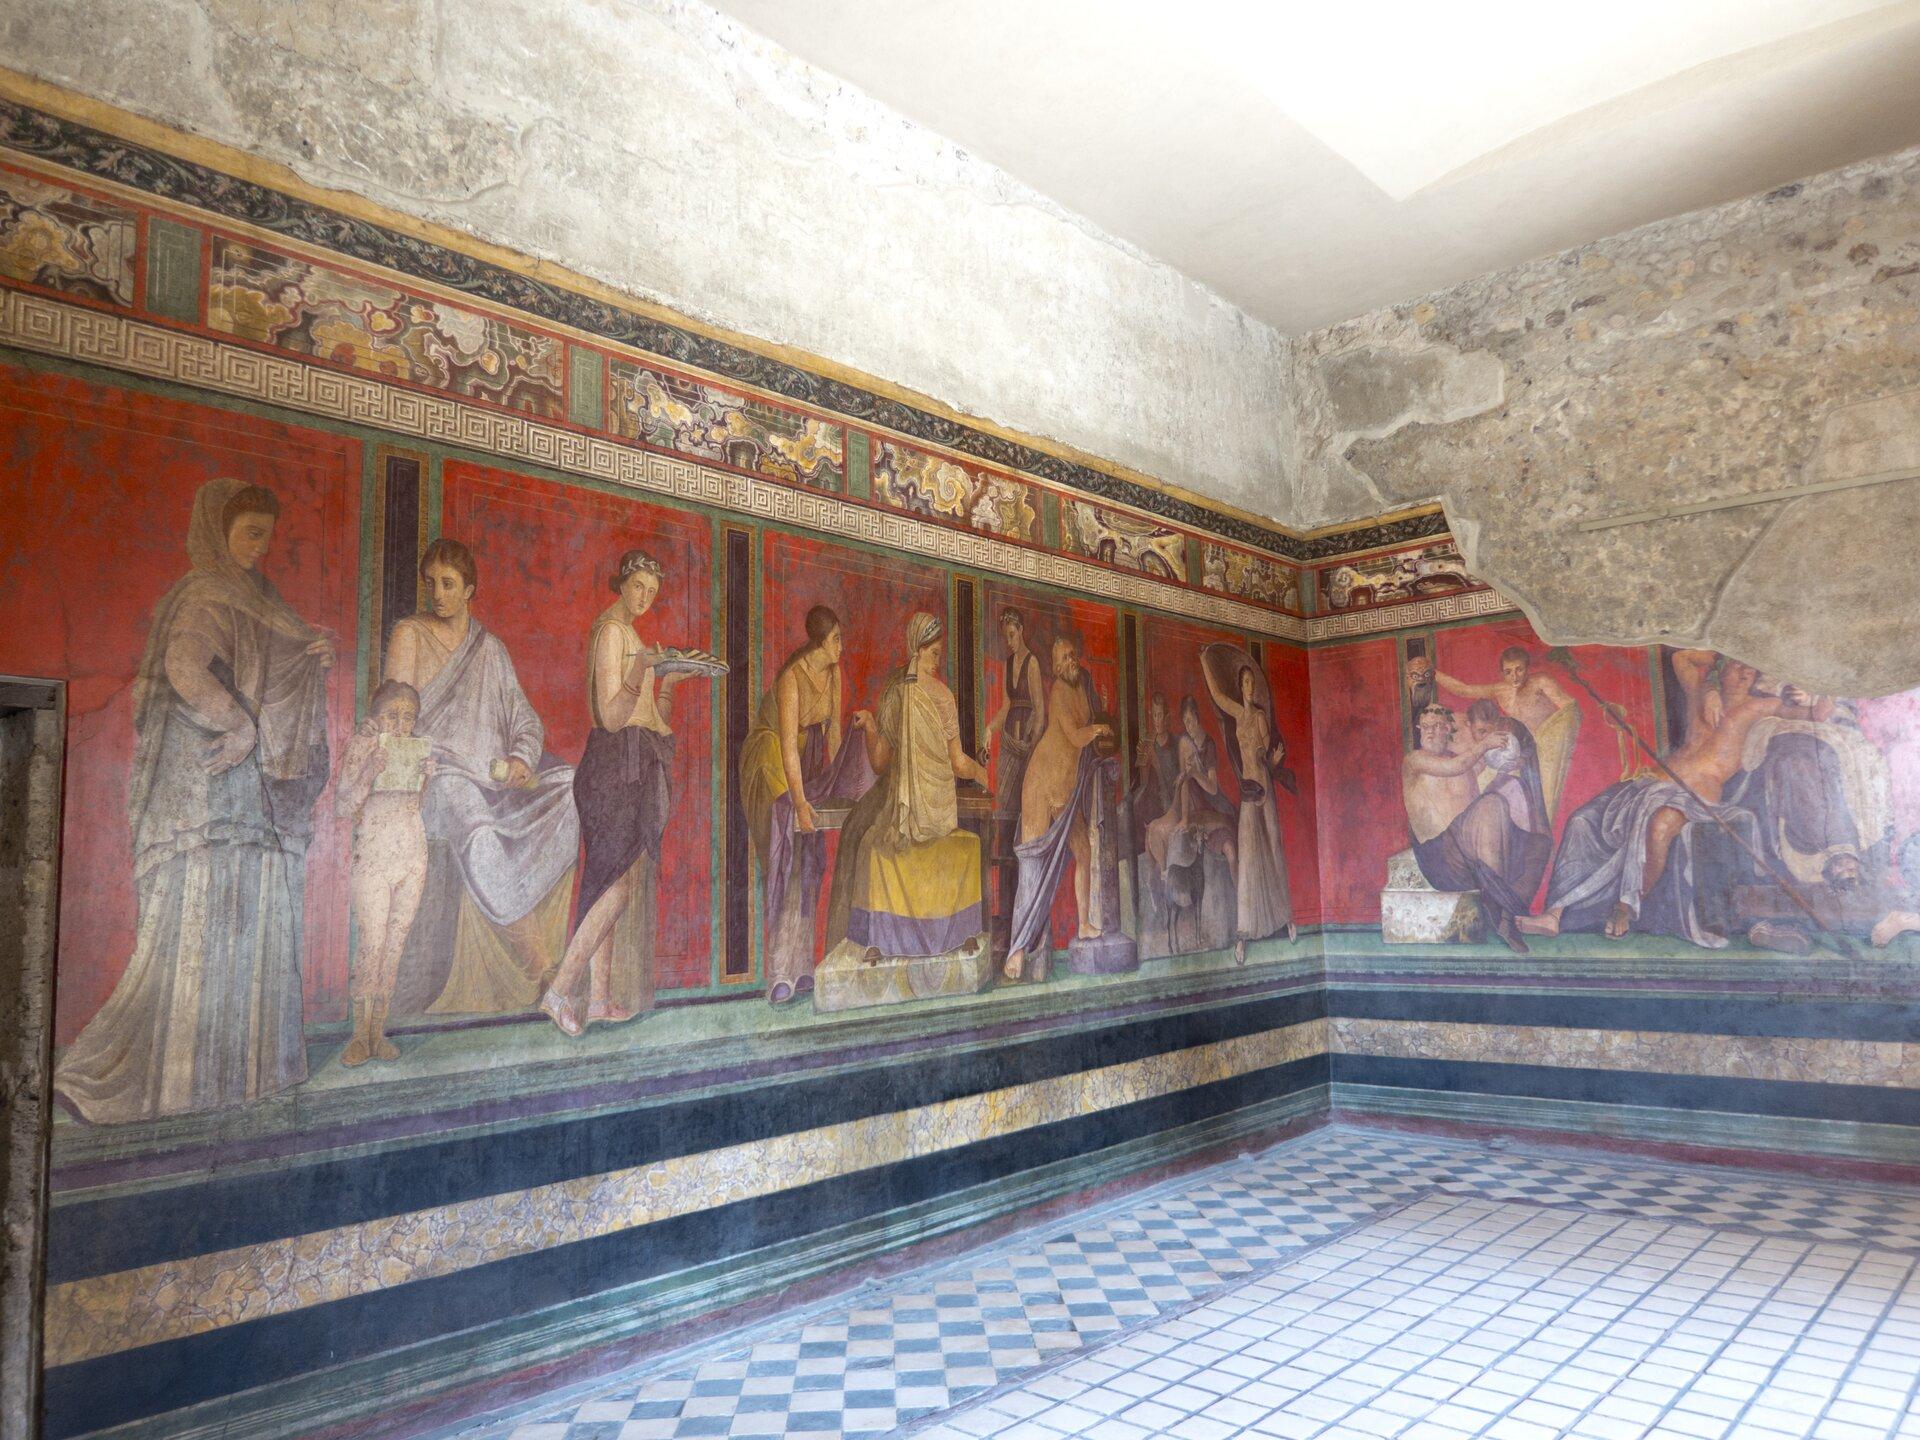 Ilustracja przedstawia wnętrze jakiegoś budynku. Prawdopodobnie jest to budynek użyteczności publicznej. Na ścianach widoczny jest fresk ukazujący ludzi wcodziennych sytuacjach.